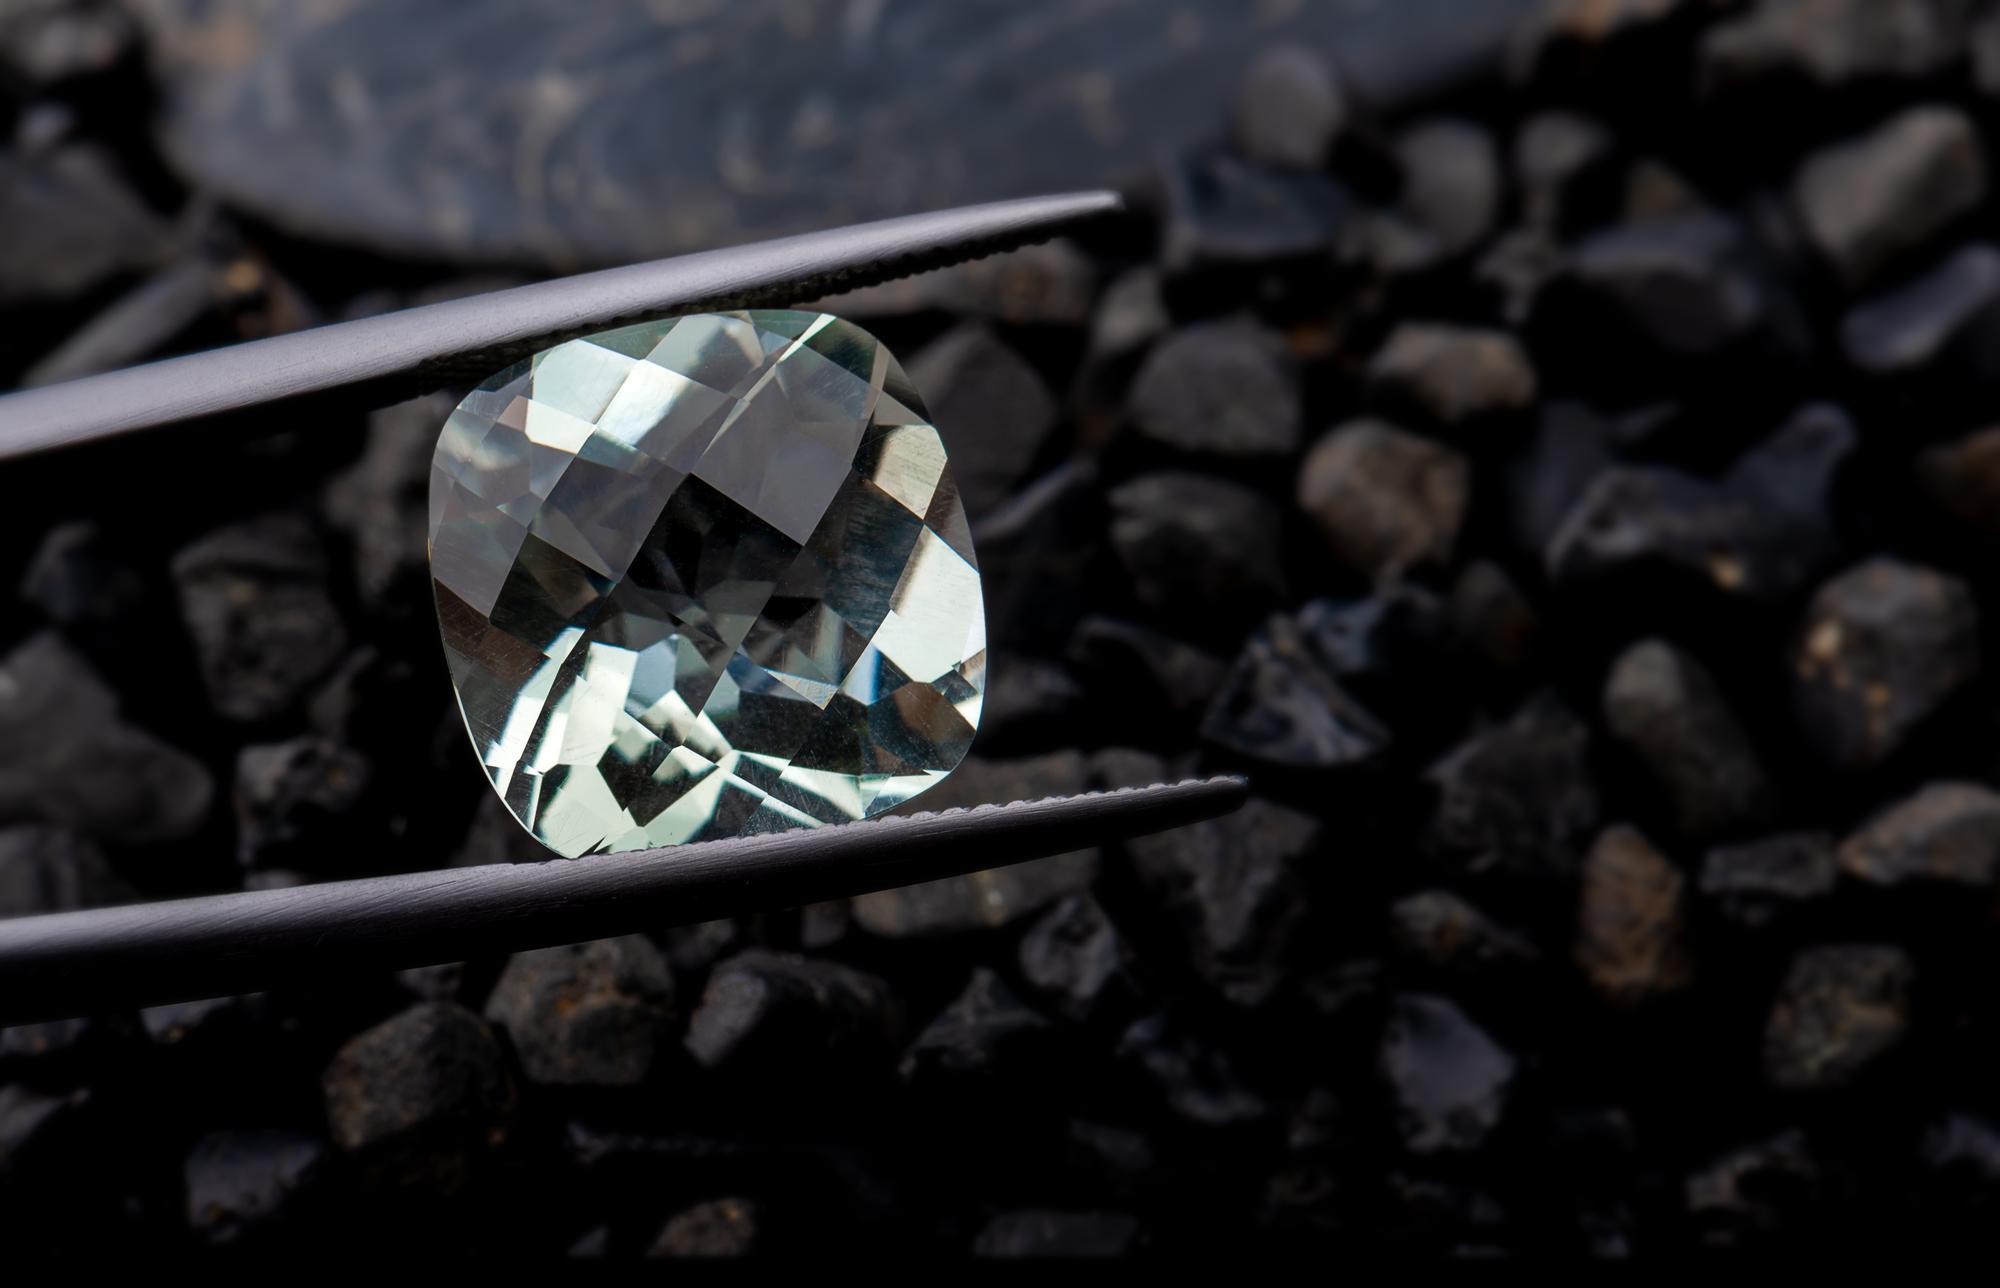 赤字経営の会社に眠る「ダイヤの原石」の見つけ方とは?